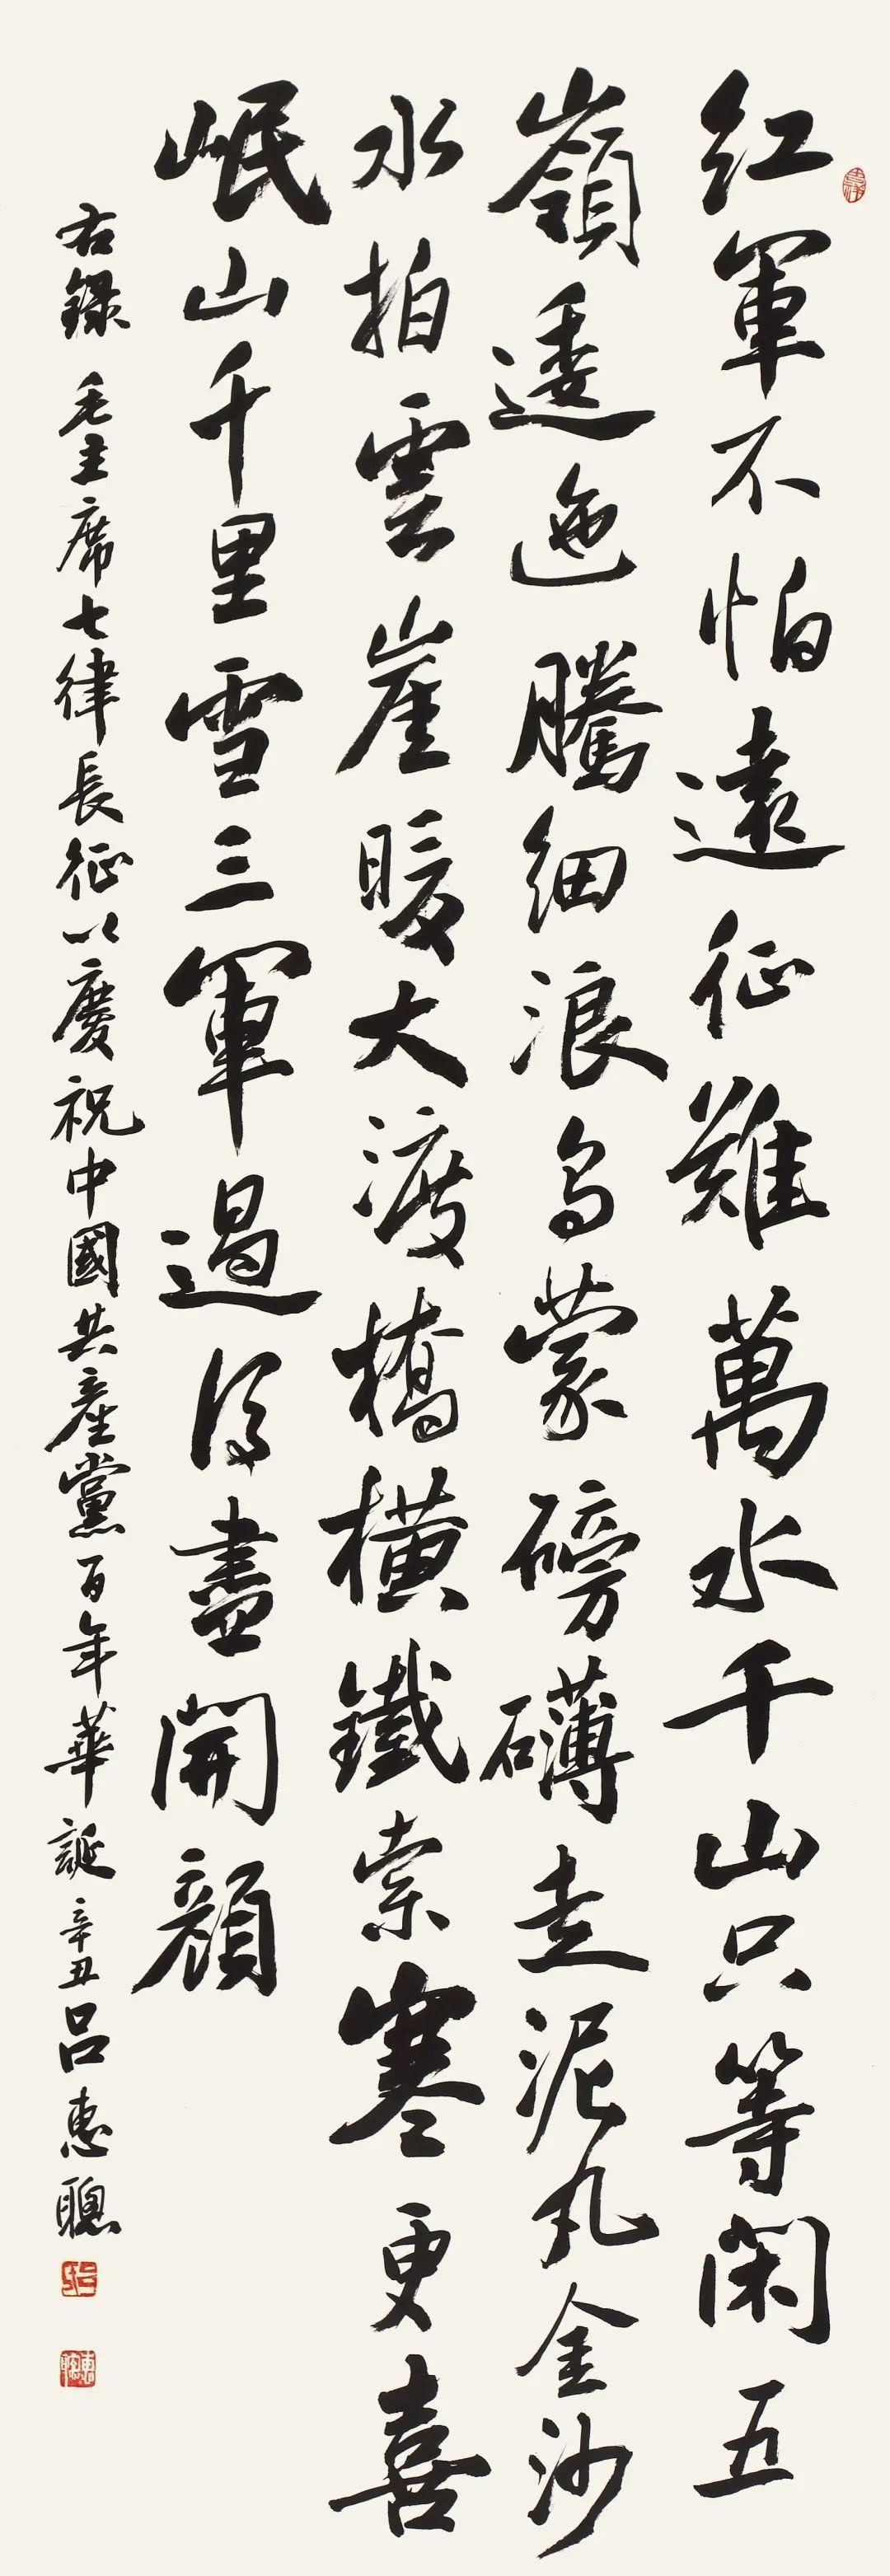 广东省书法家协会会员、广州市书法家协会会员、广州市从化区书法家协会副主席吕惠聪